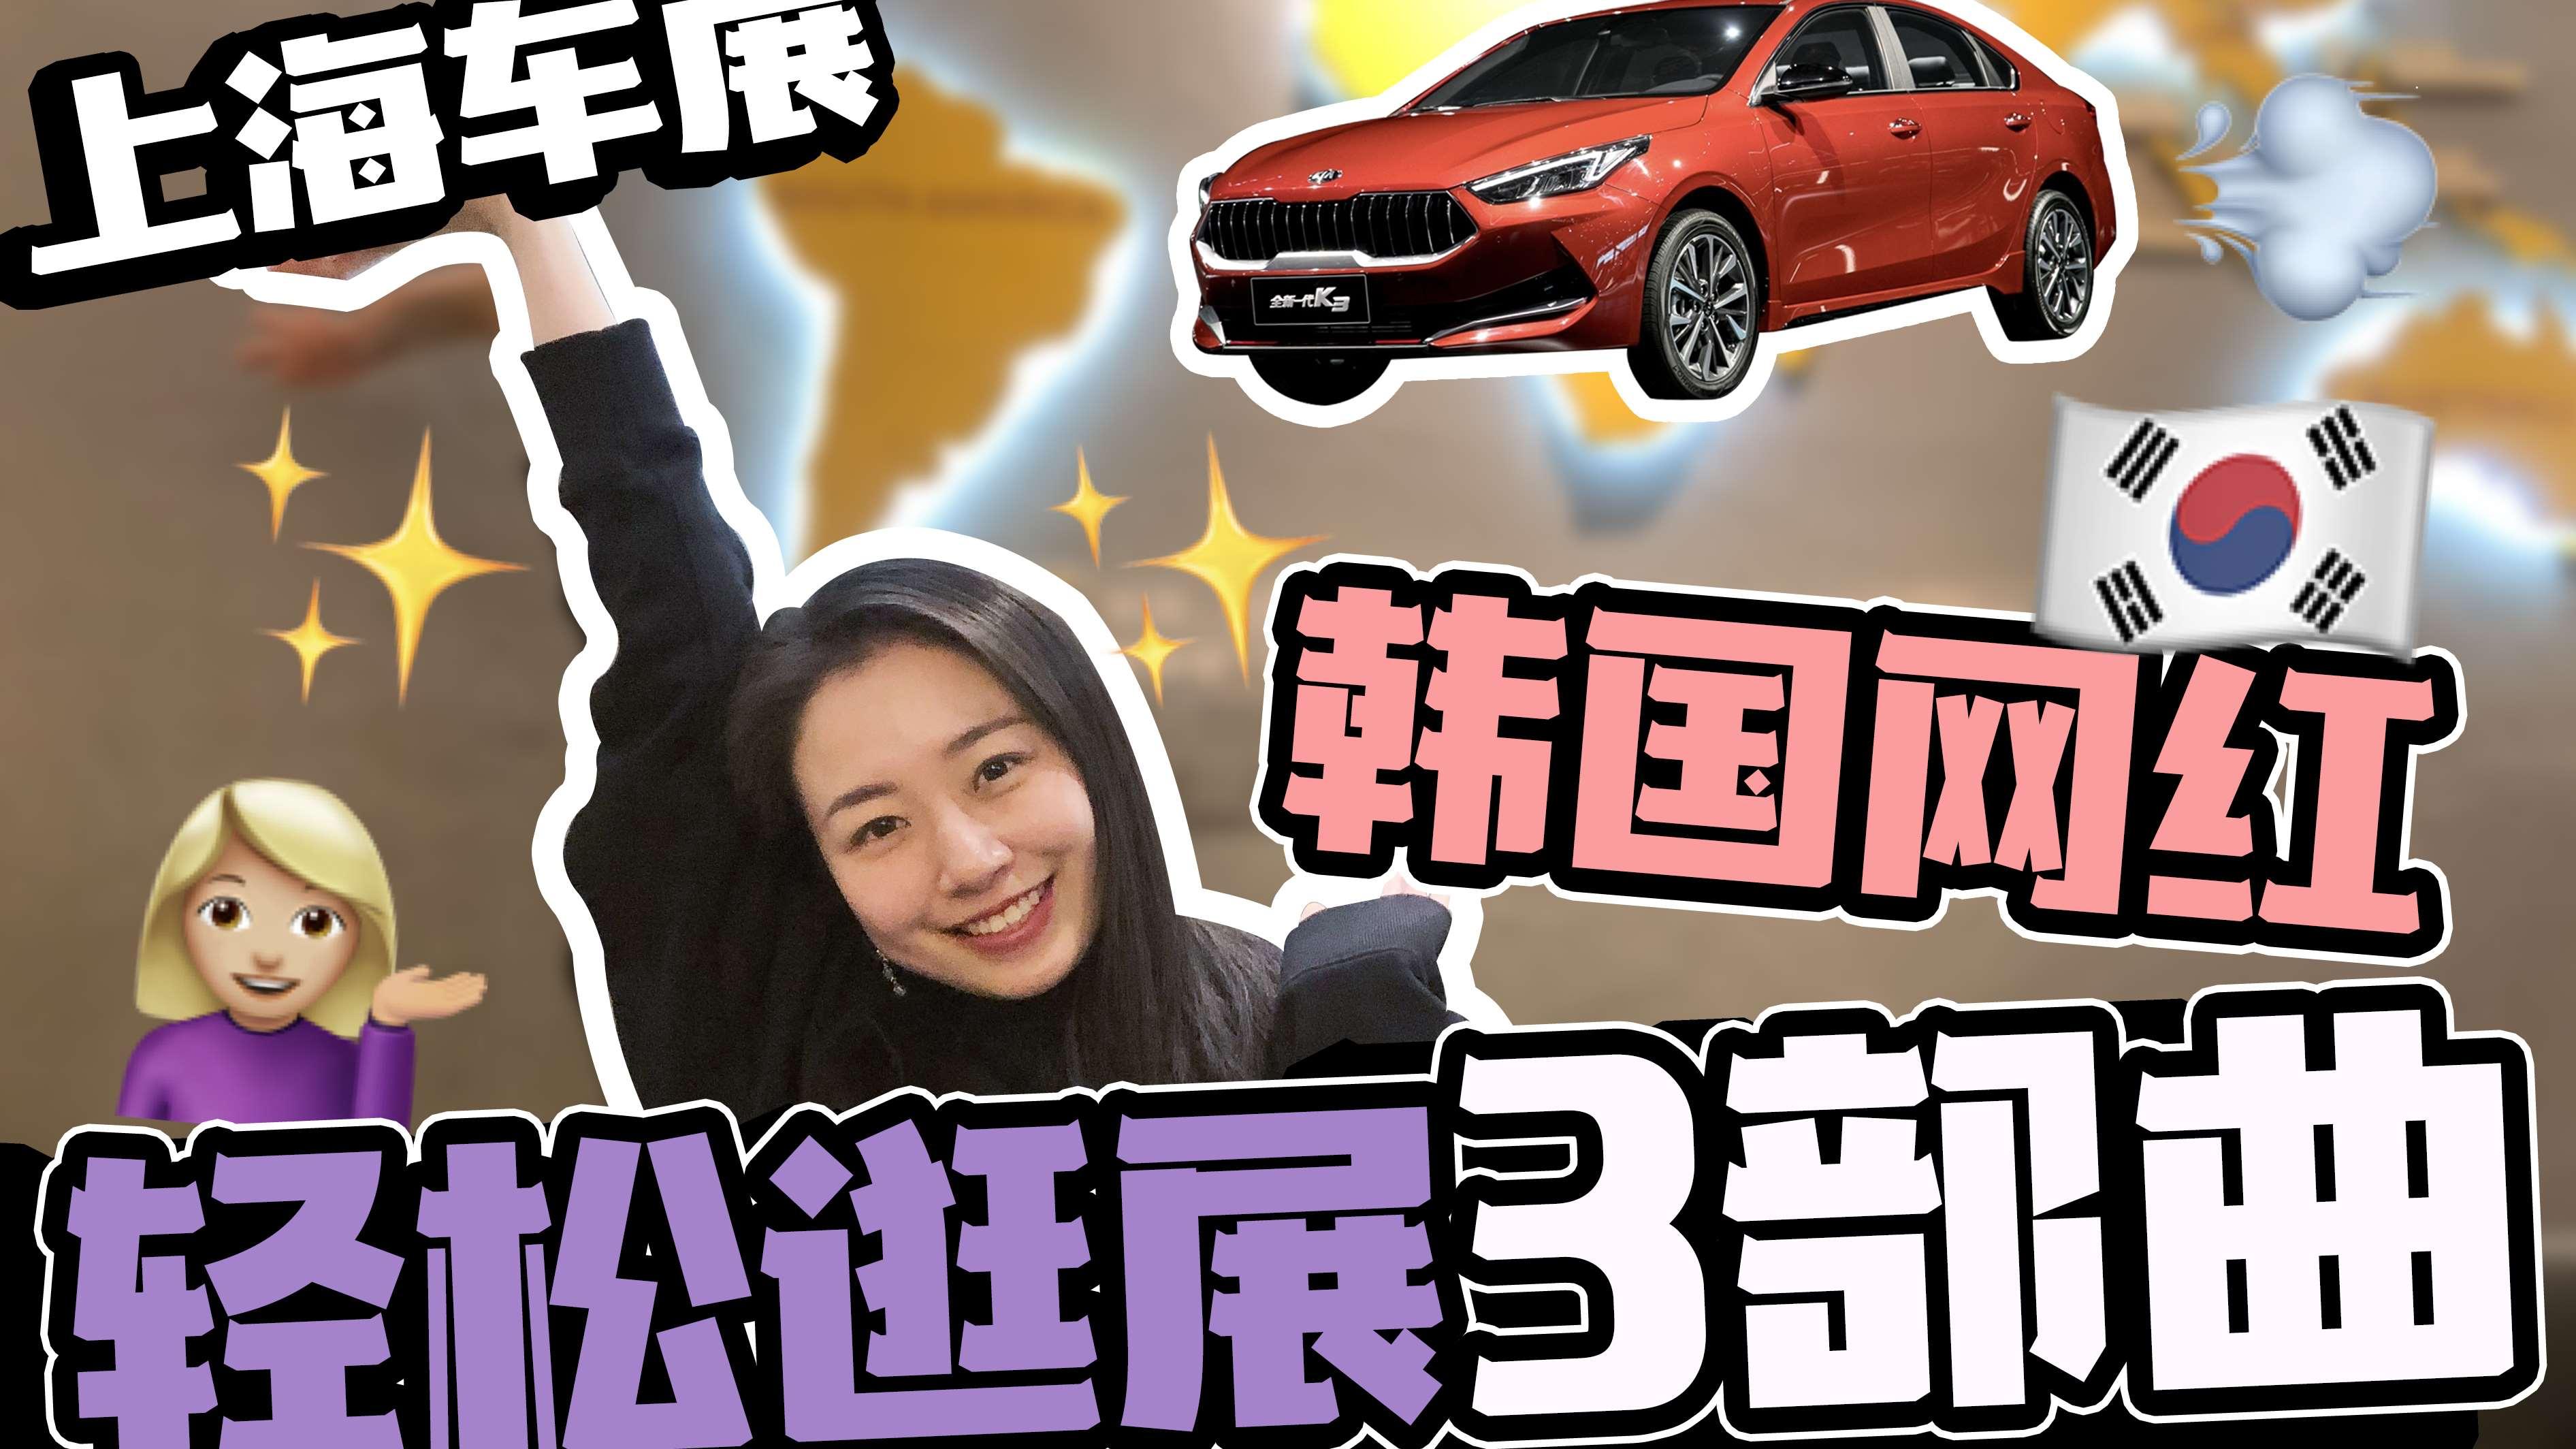 上海车展最具实力的韩国网红,轻松逛展3部曲